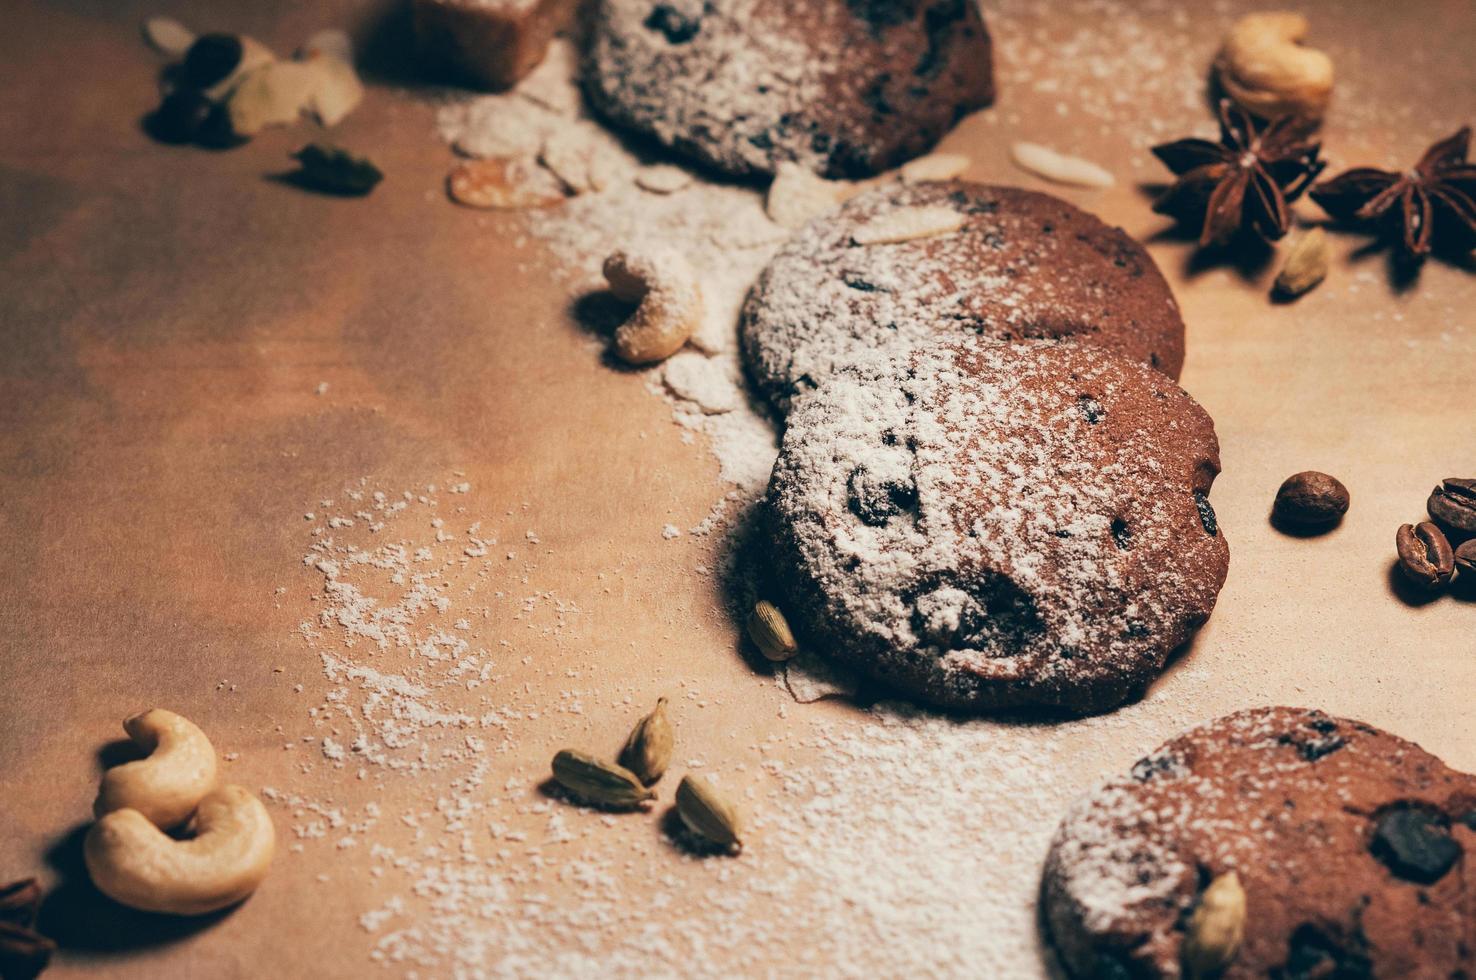 Draufsicht auf knusprige Schokoladenkekse mit Nüssen, Kardamom und Sternanis auf strukturiertem Pergamenthintergrund, bemehlt. Leerer Platz für Ihren Text und Design foto